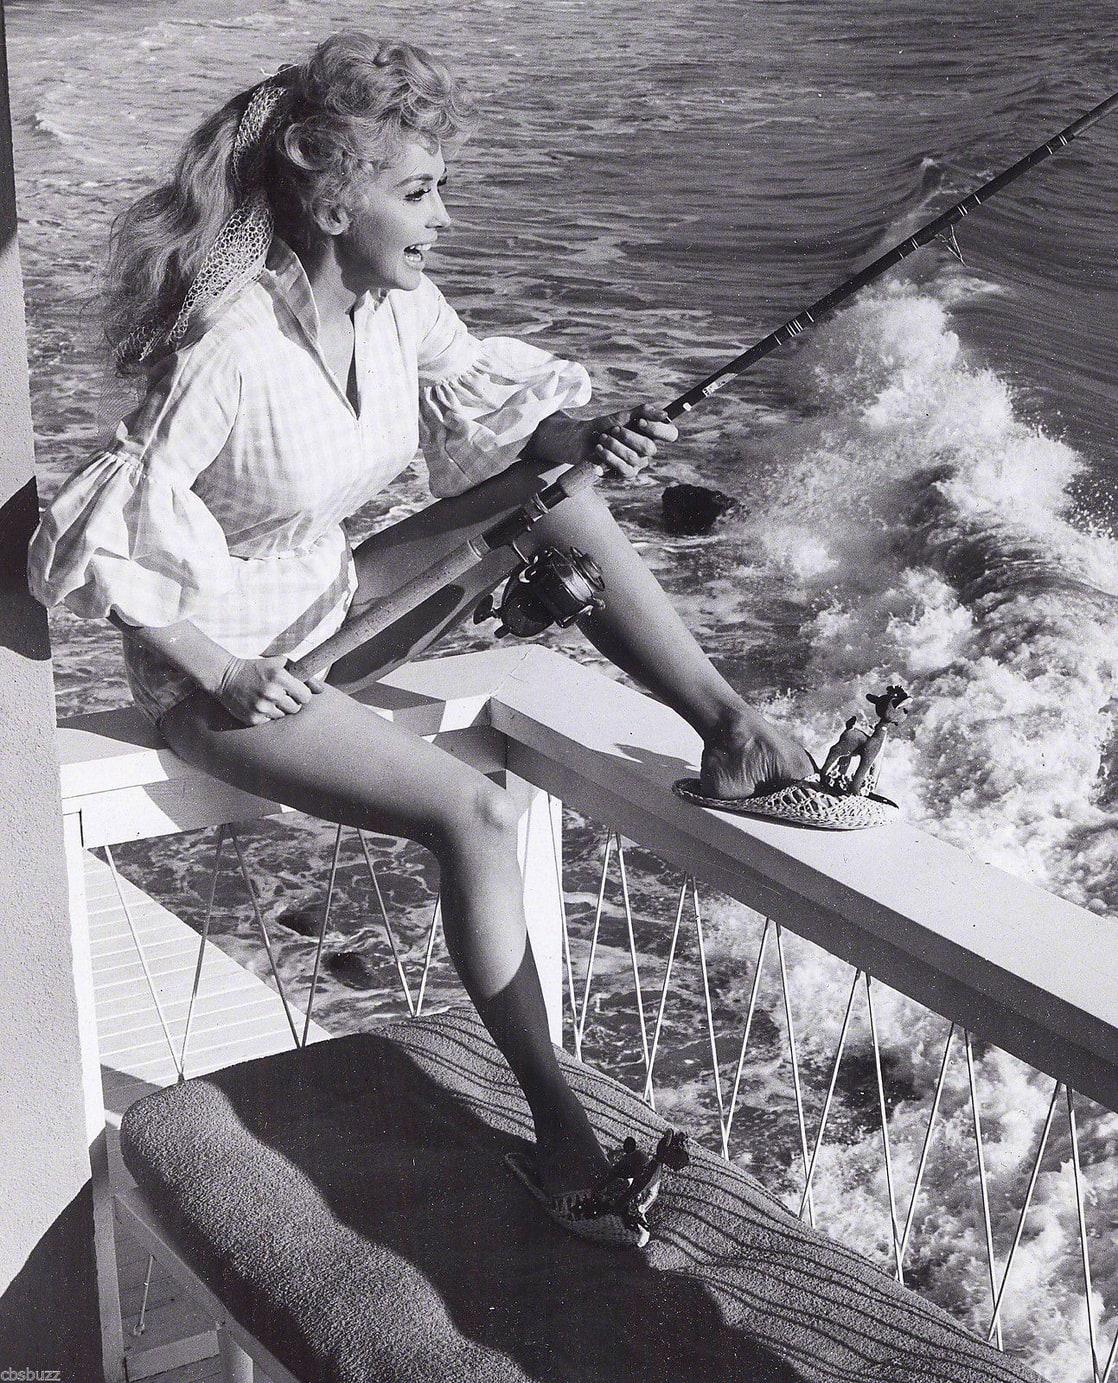 Marguerite De La Motte,K Brosas (b. 1975) Adult pics Nais Lago,Sandy Ratcliff